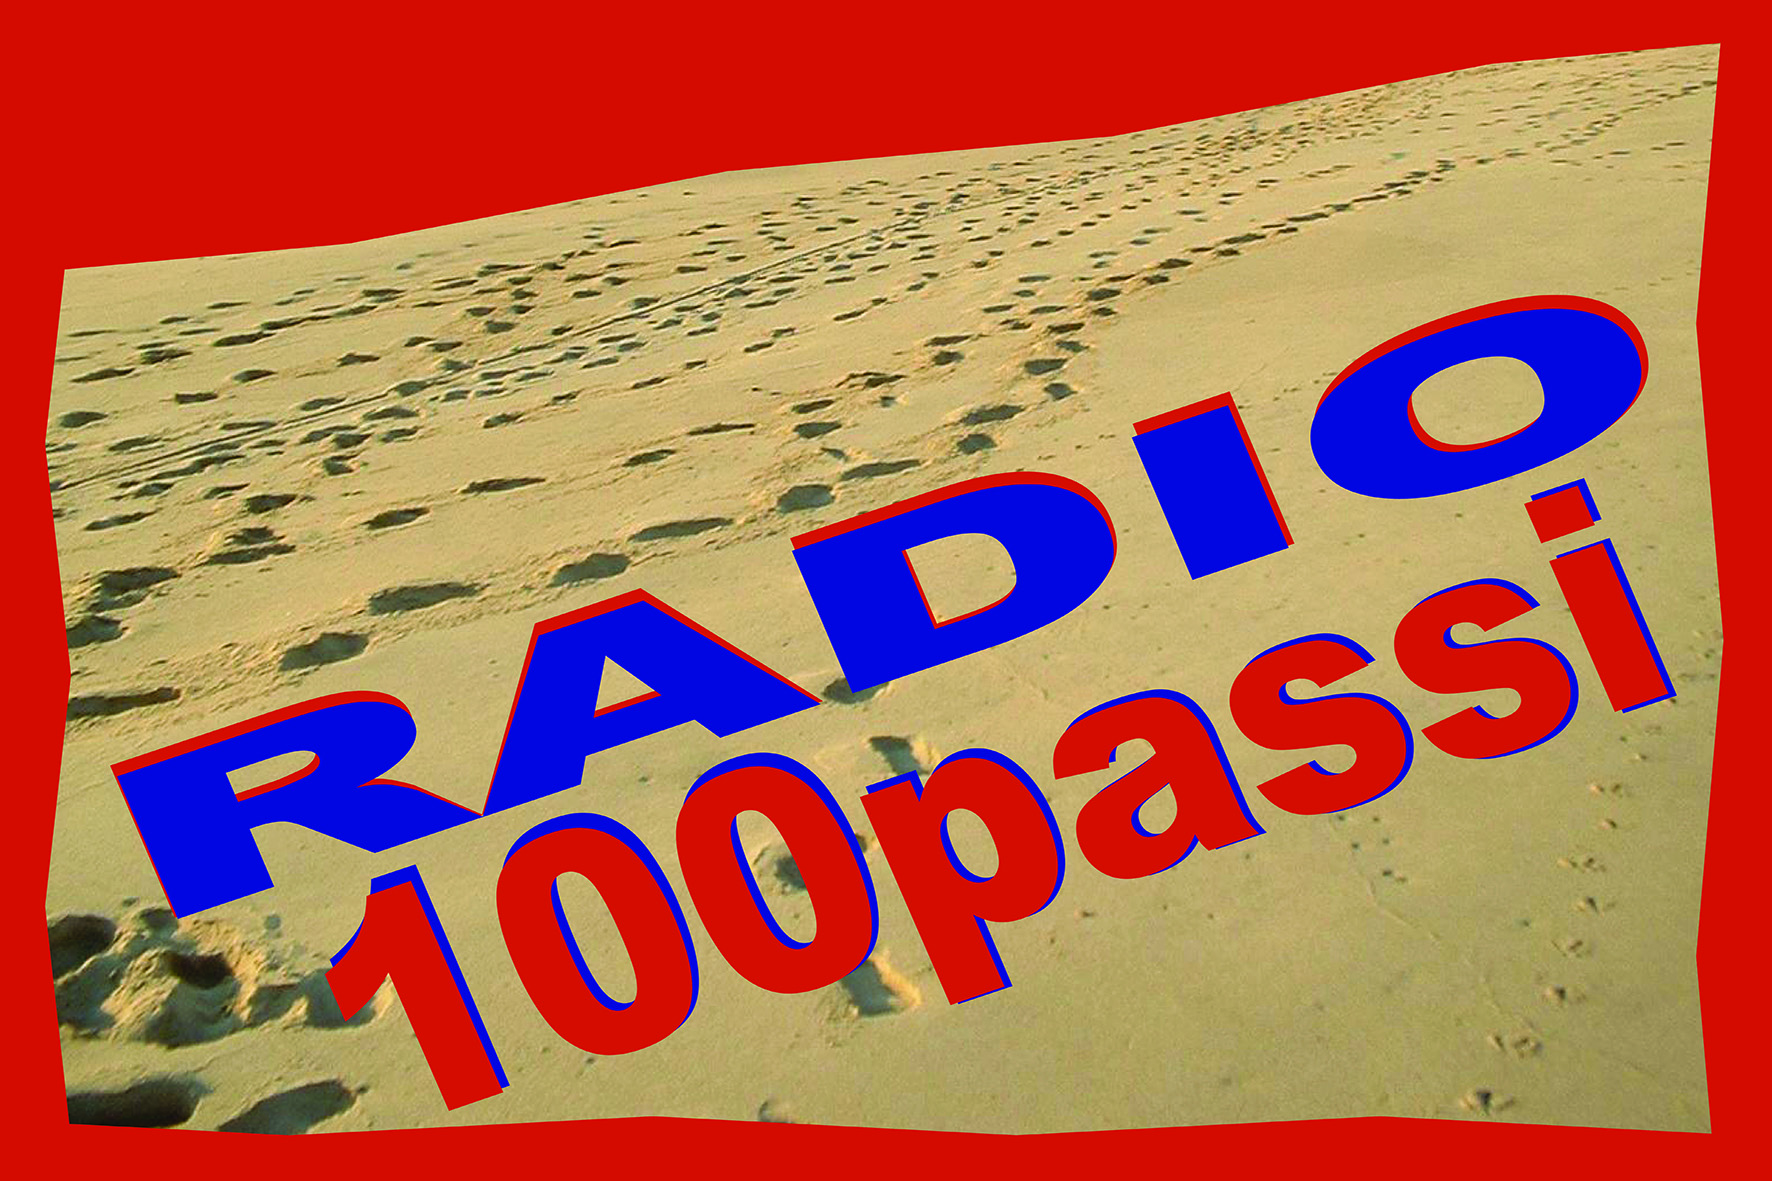 Ascolta radio 100 passi